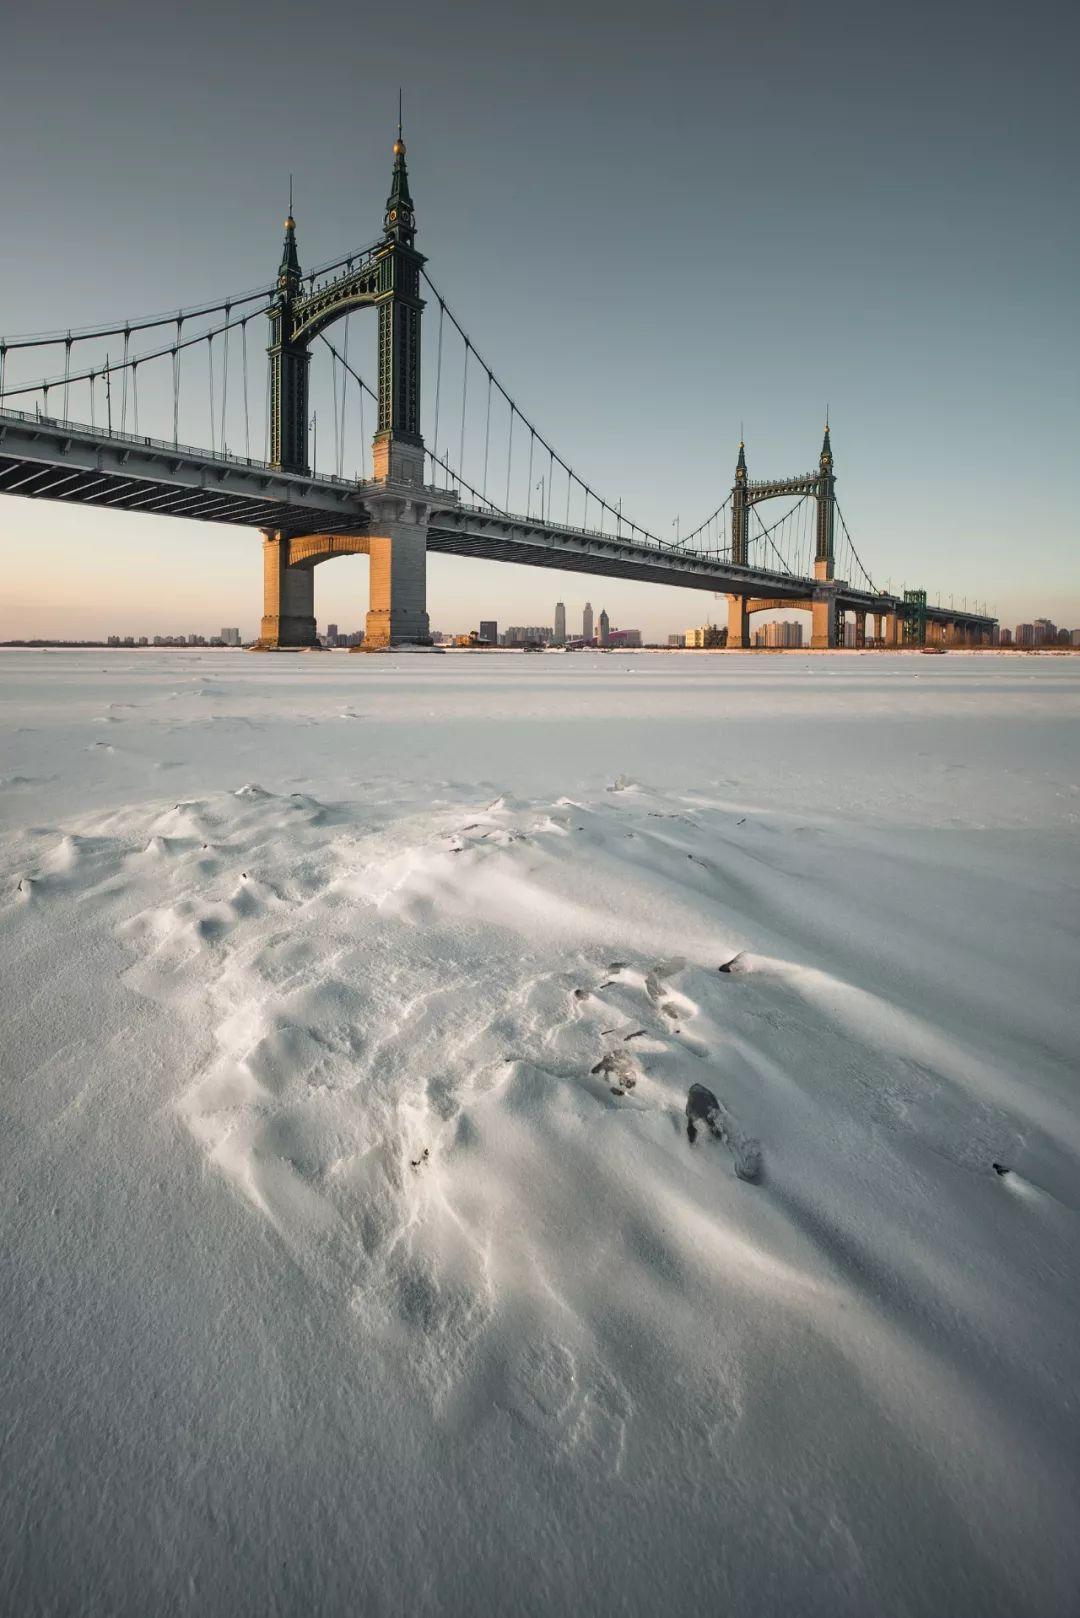 ▲ 哈尔滨阳明滩大桥。千里冰封,万里雪飘。图/视觉中国